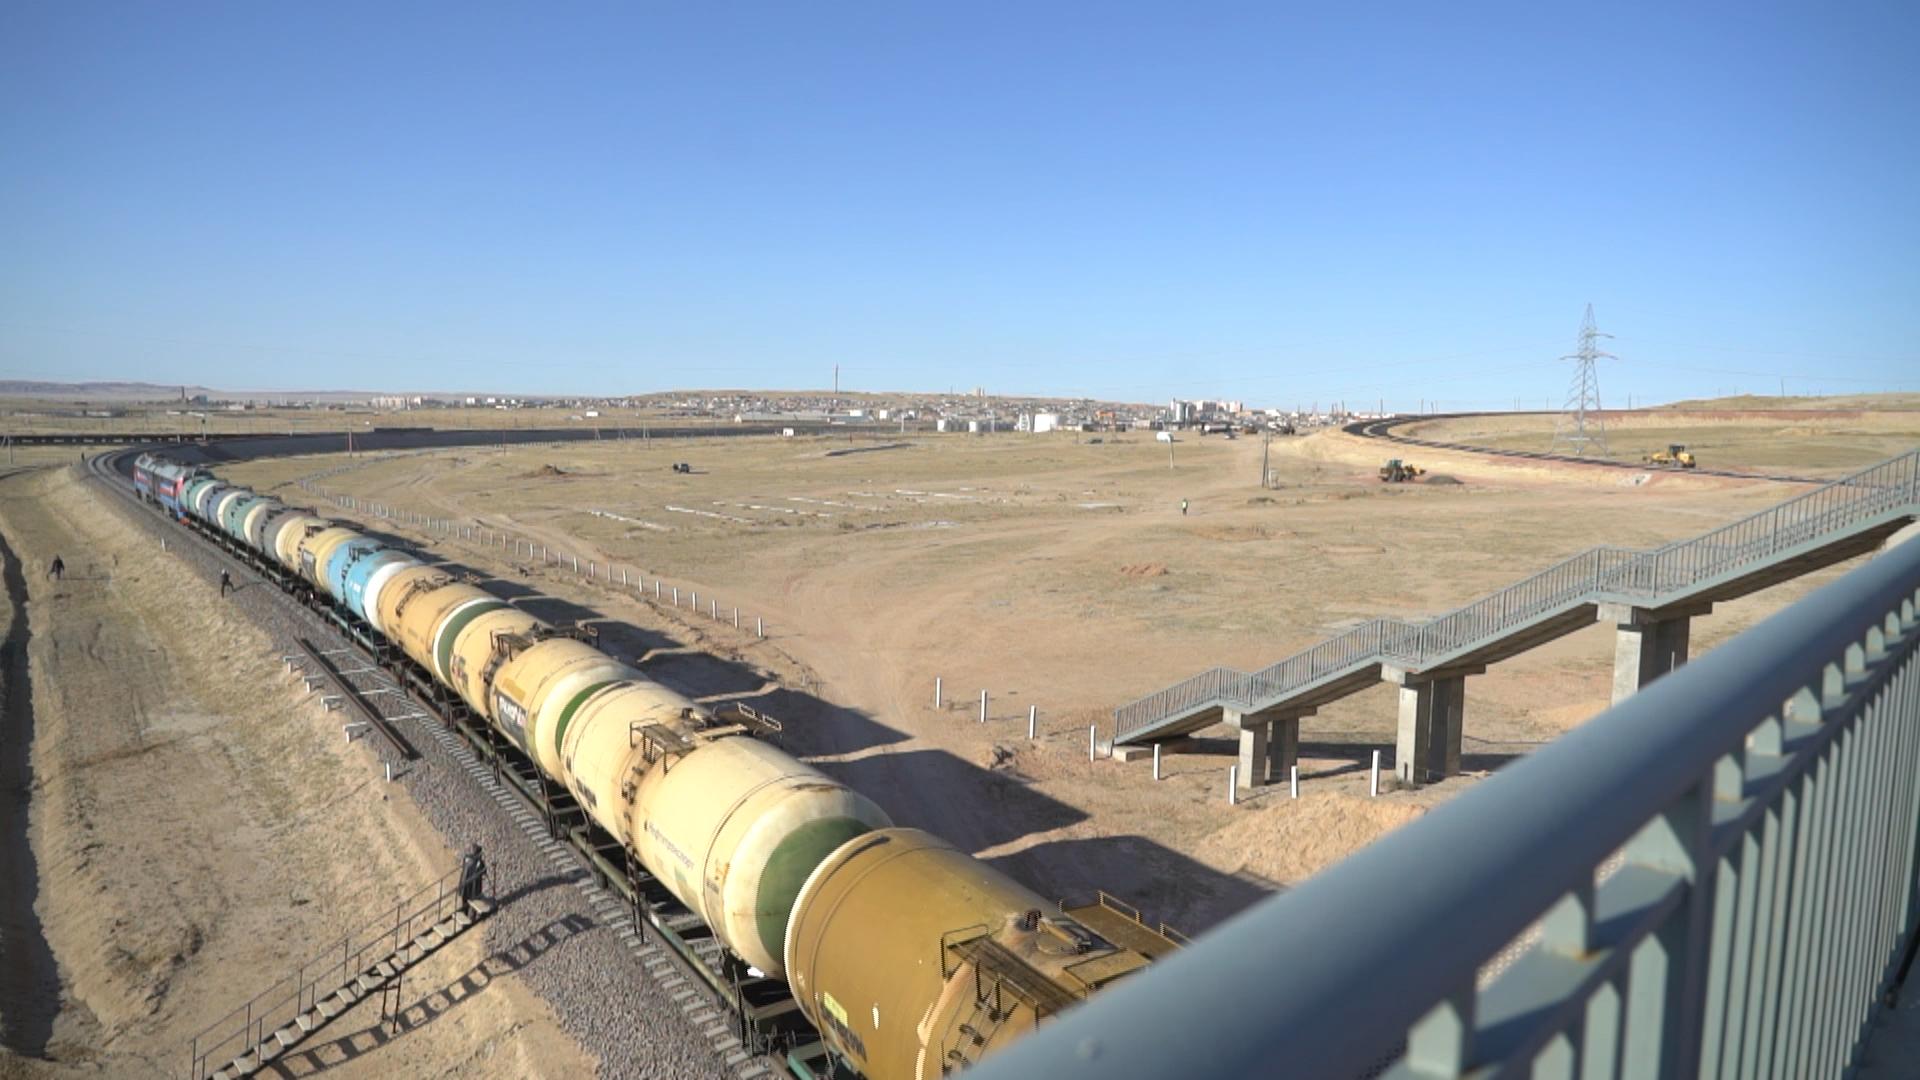 Газрын тос боловсруулах үйлдвэрийн дэд бүтцийн бүтээн байгуулалт дууслаа